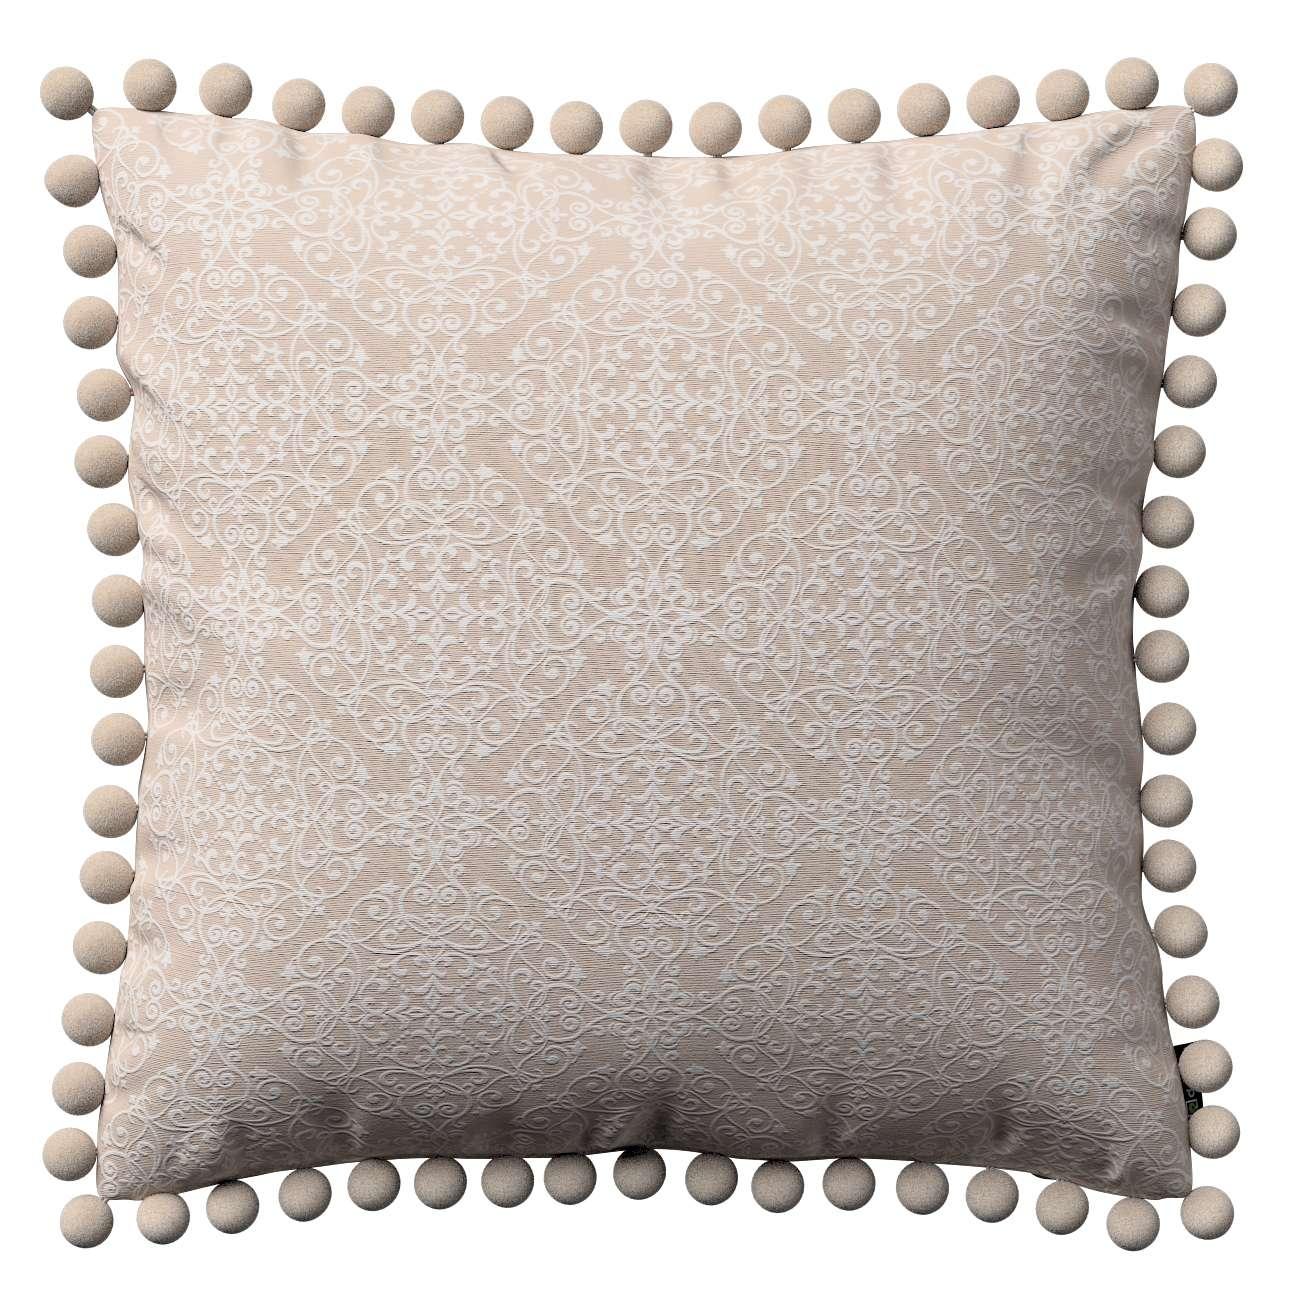 Poszewka Wera na poduszkę 45 x 45 cm w kolekcji Flowers, tkanina: 140-39